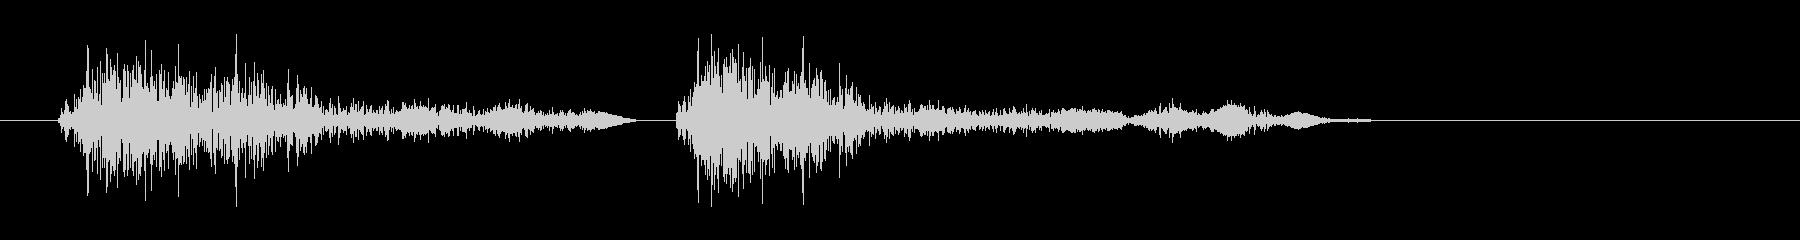 シャッター音(カシャ)の未再生の波形